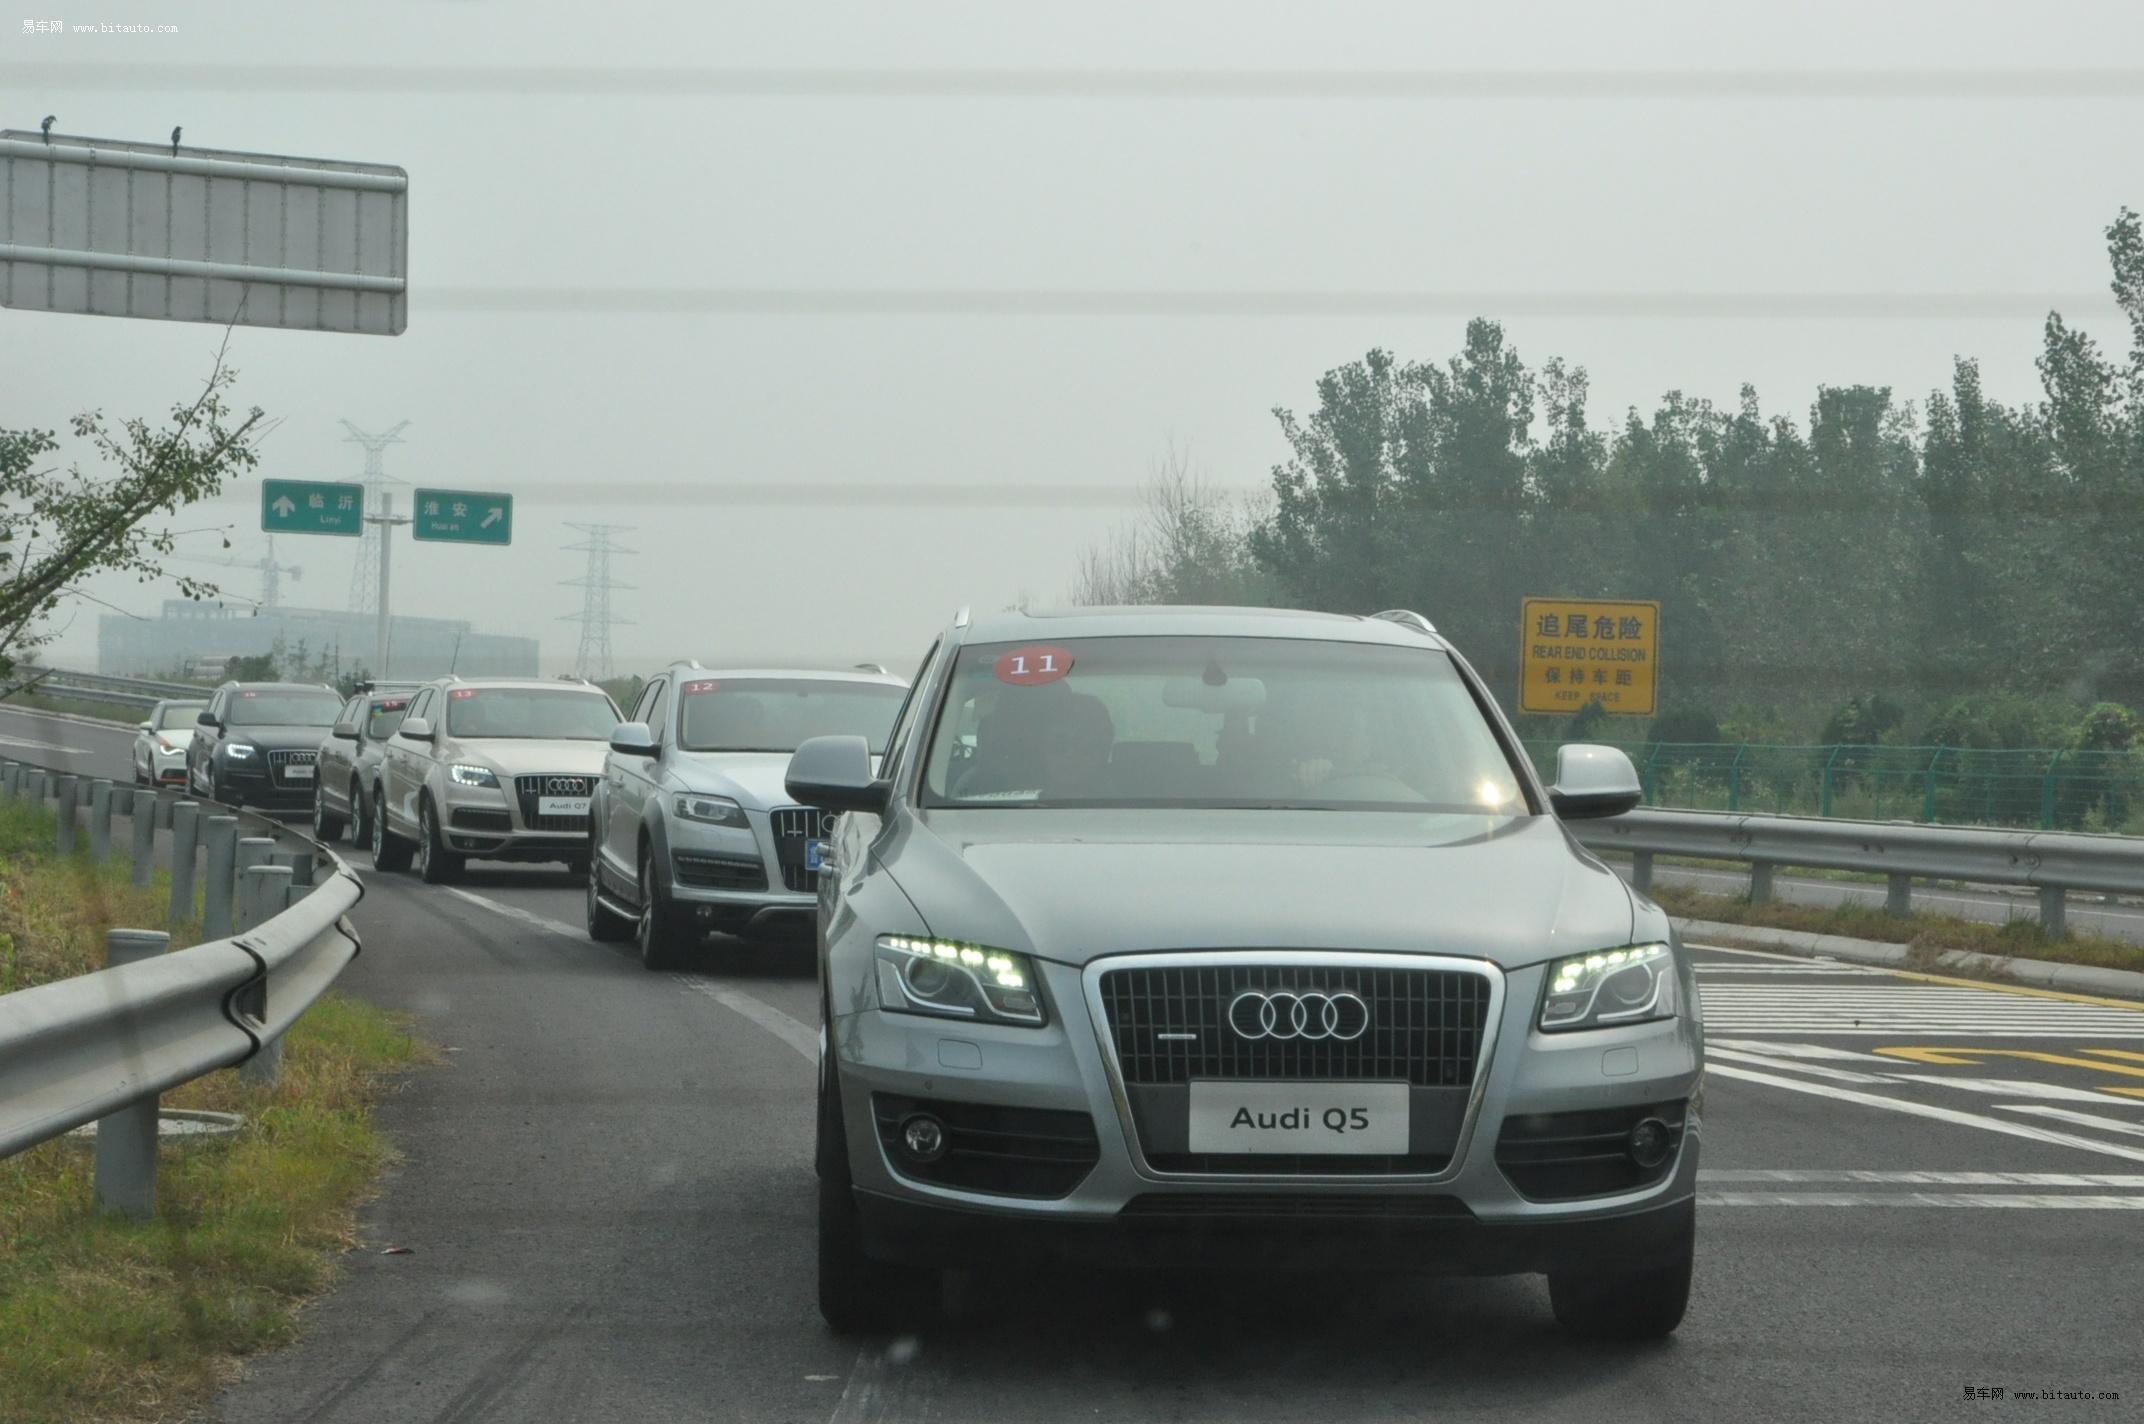 【图文】奥迪q系列青岛-扬州-无锡-杭州-上海游记